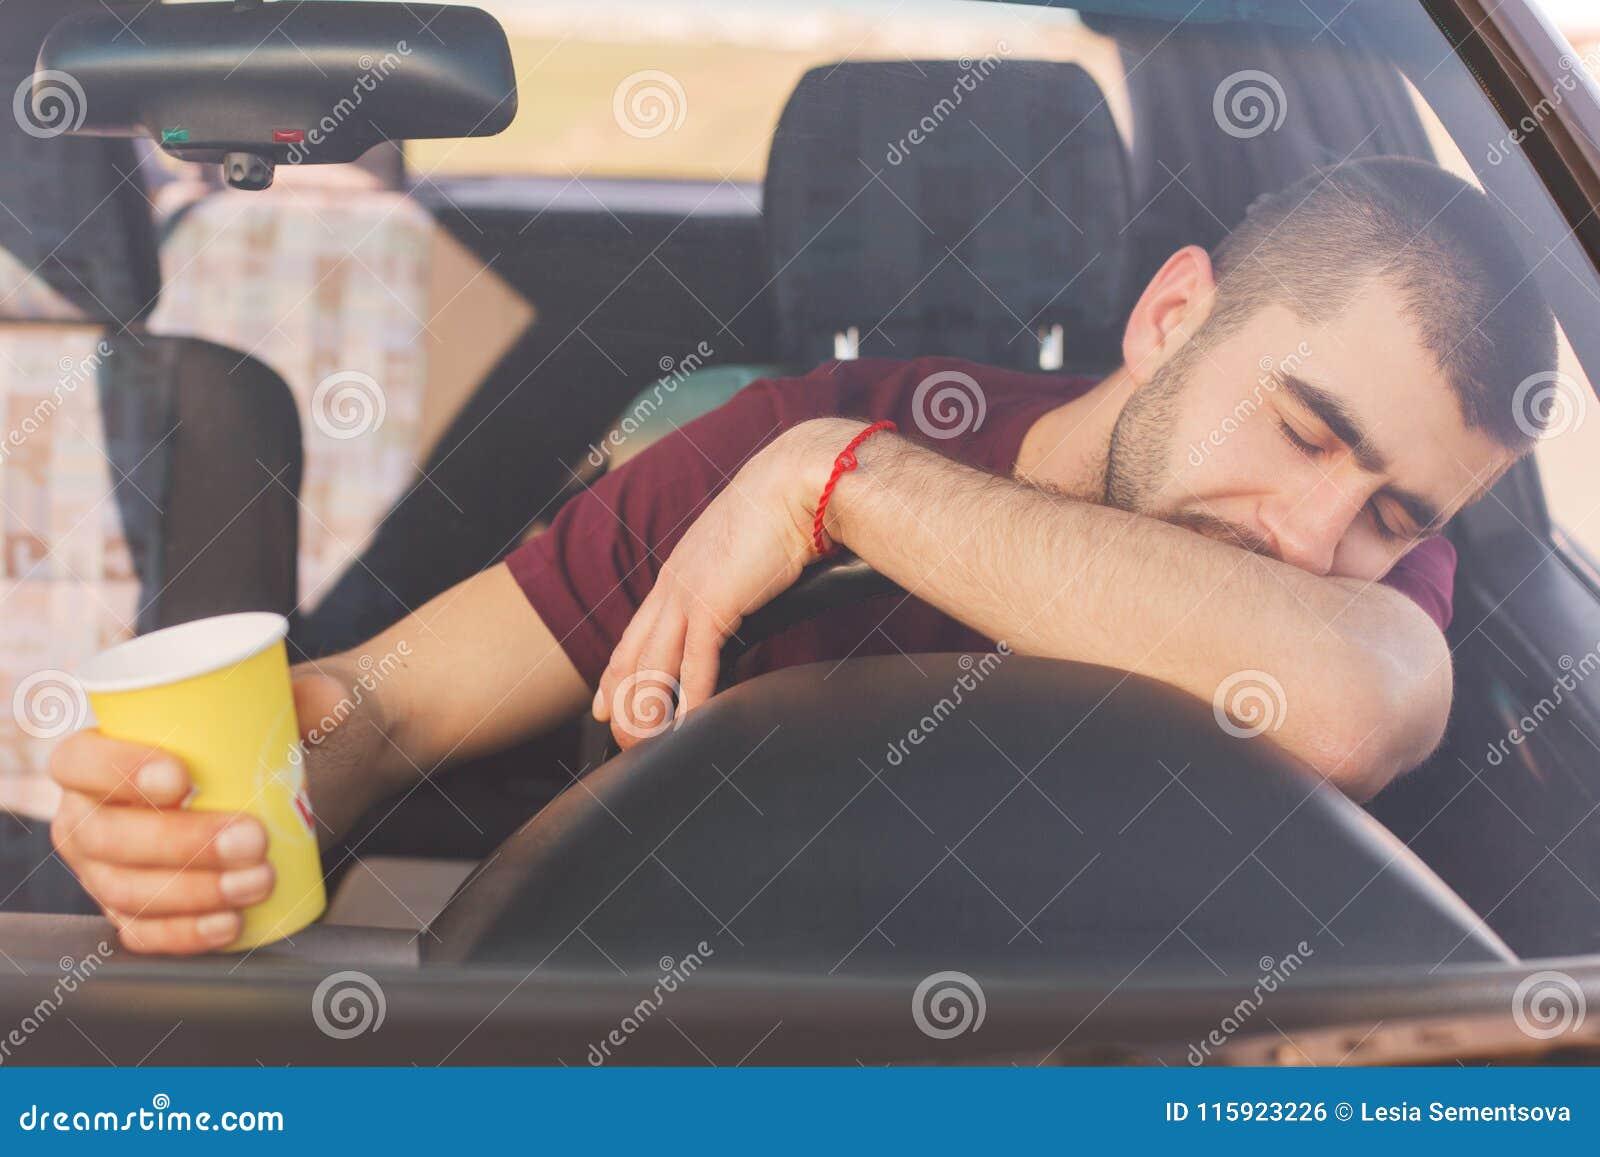 De moeheid de overgewerkte vermoeide mannelijke bestuurder lange reis in auto heeft, maakt einde om rust te hebben, heeft dutje o